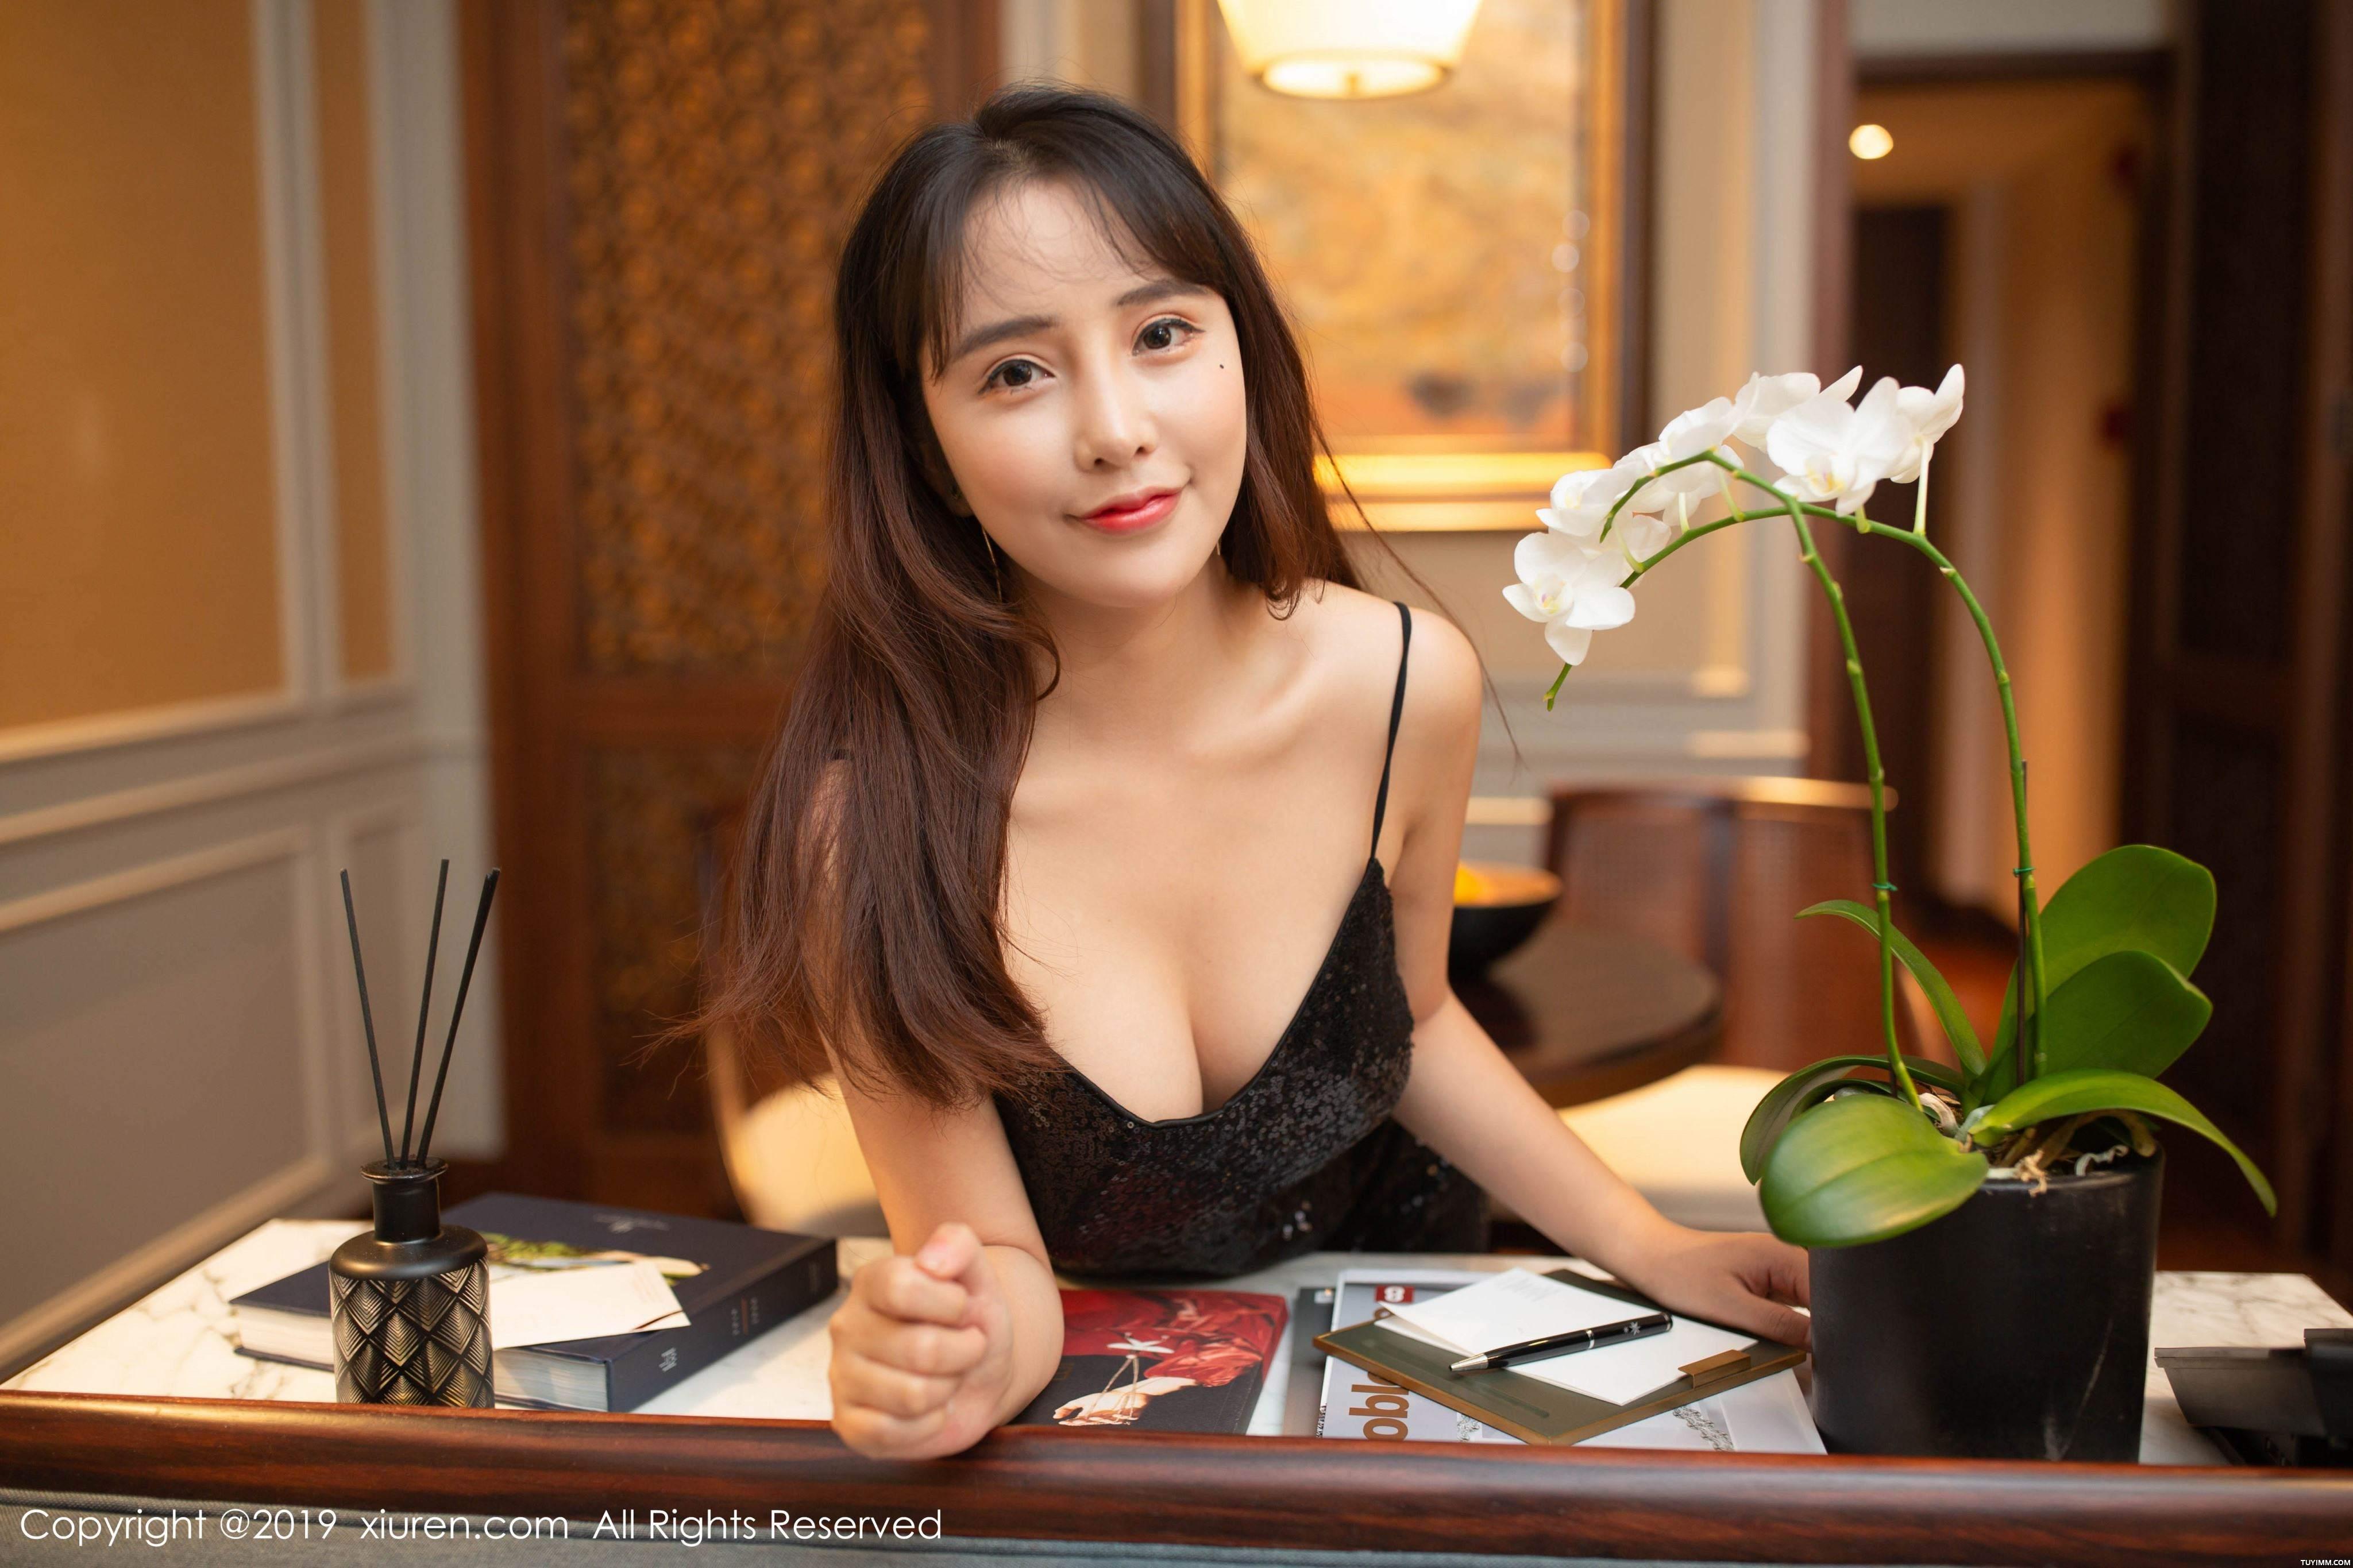 """[福利]陶喜乐_lele的""""完美娱乐网""""-第10张图片-哔哔娱乐网"""